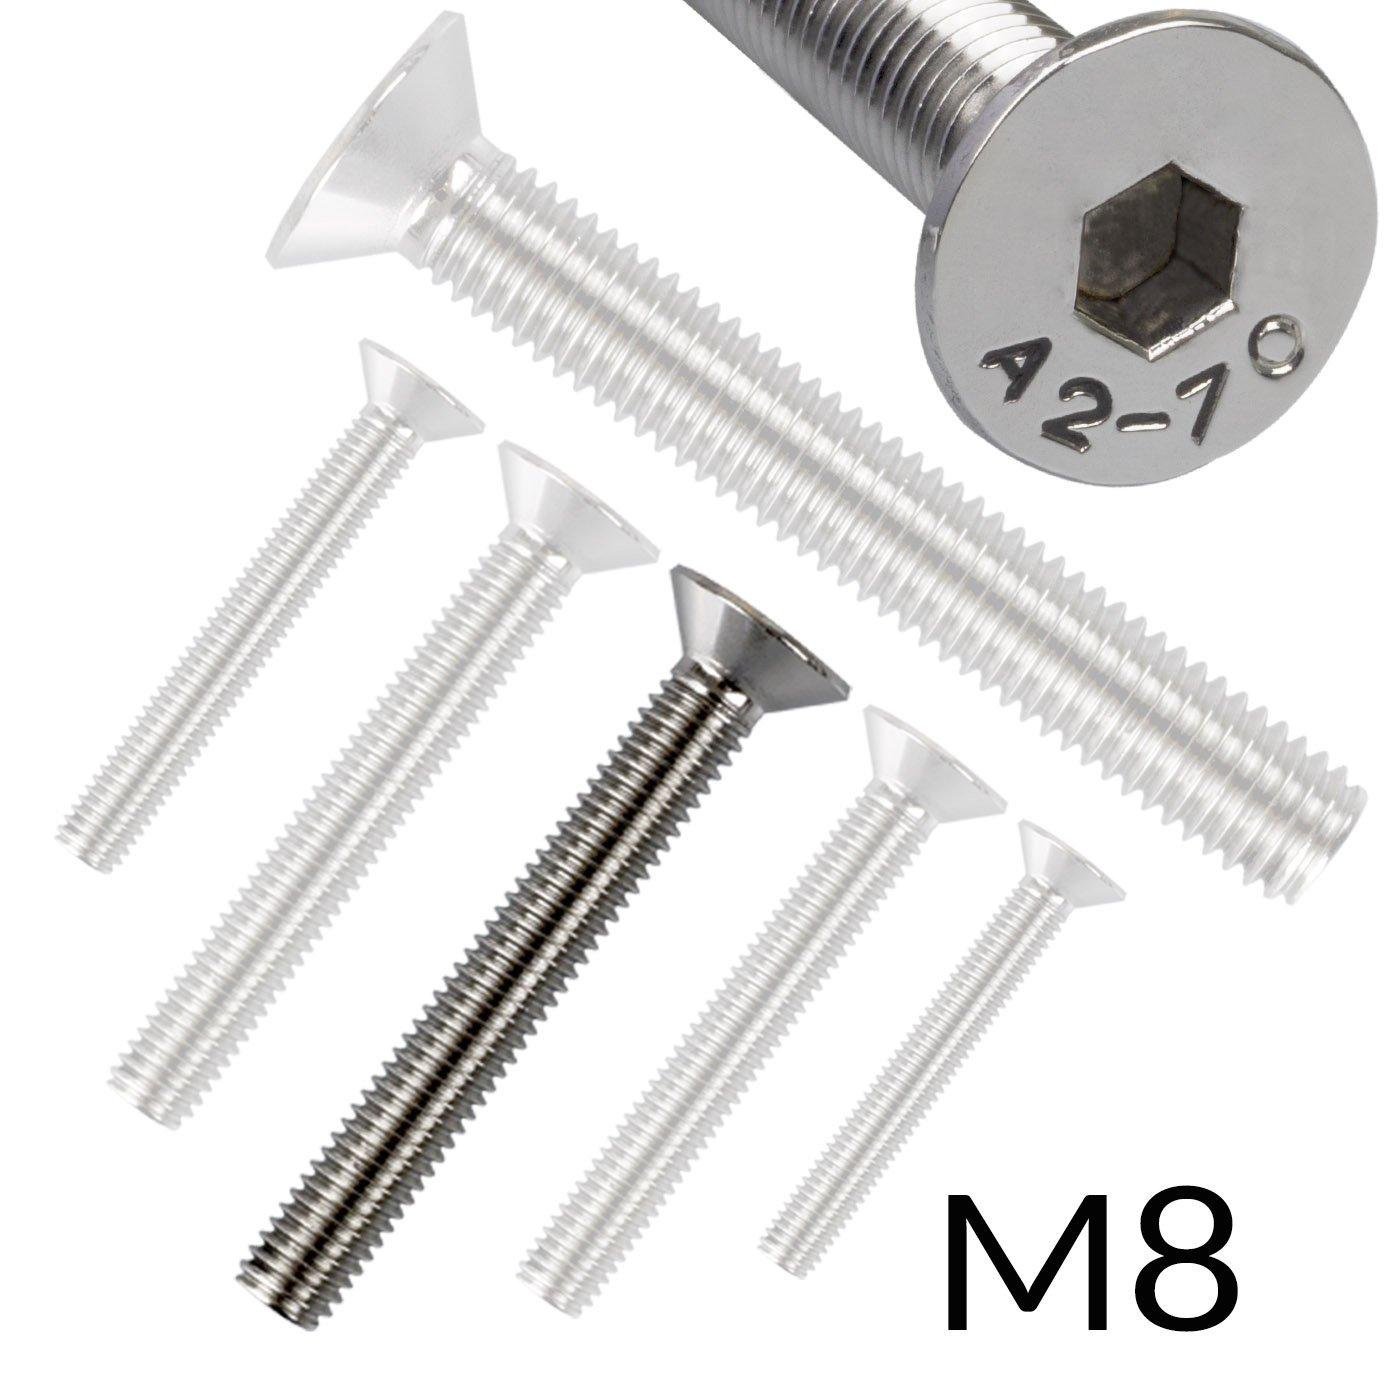 10 Senkkopfschrauben mit Innensechskant Edelstahl M 10 x 30 mm Vollgewindeschrauben Schrauben DIN 7991 A2